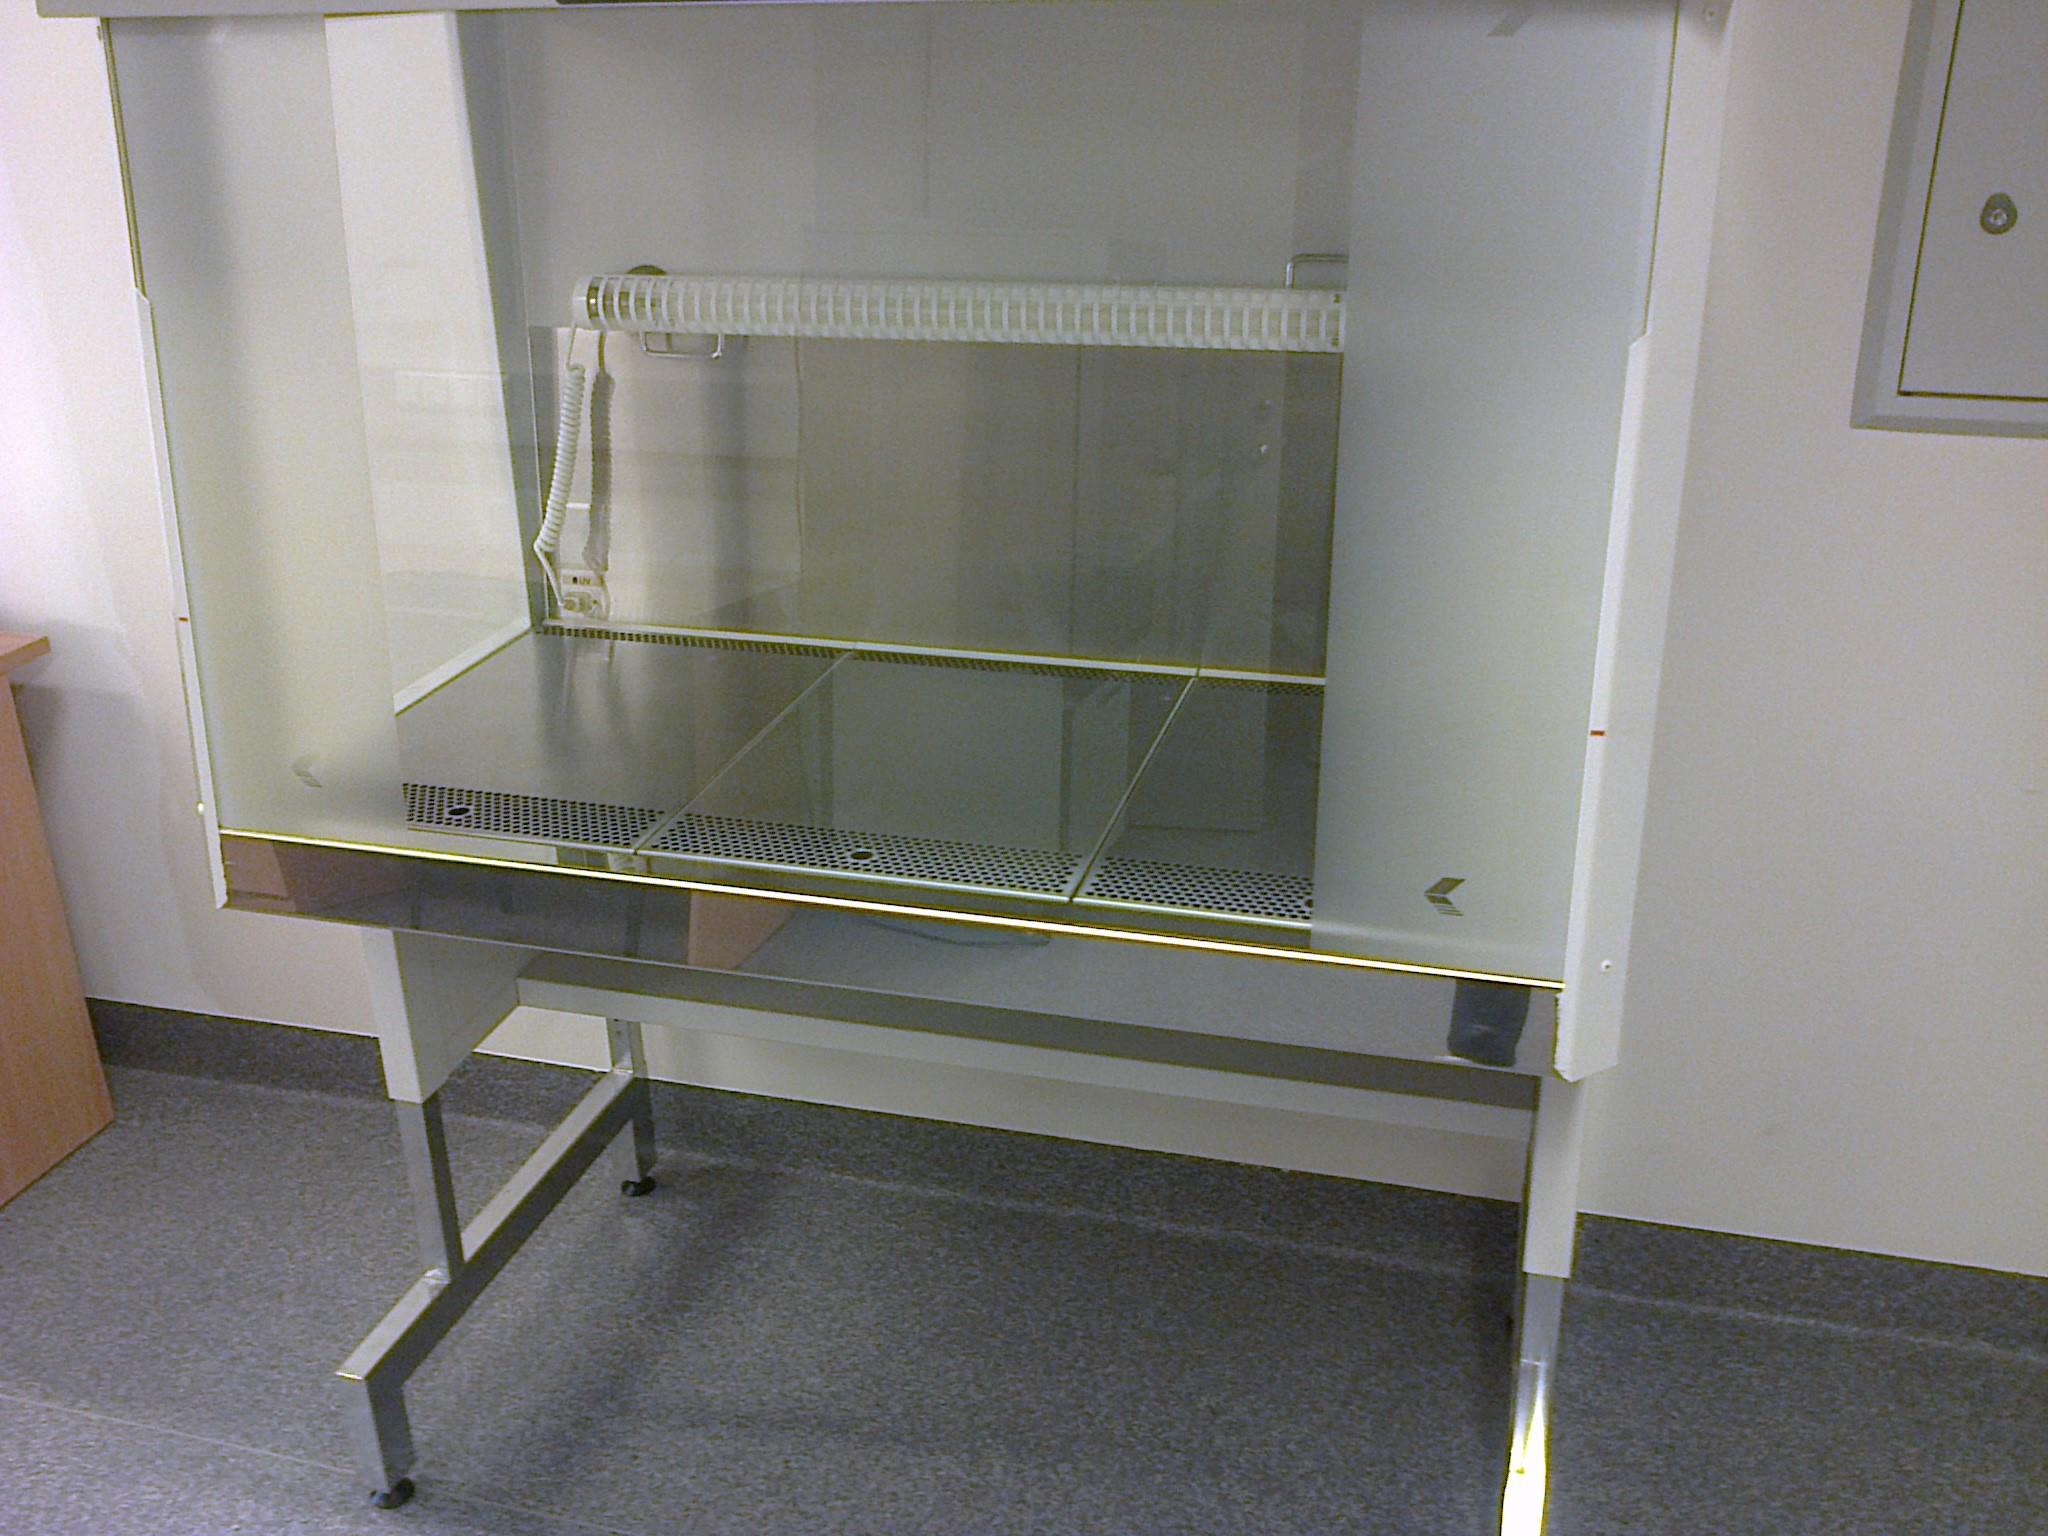 Vertical Laminar Flow Cabinet FlowFast V12 P, FASTER